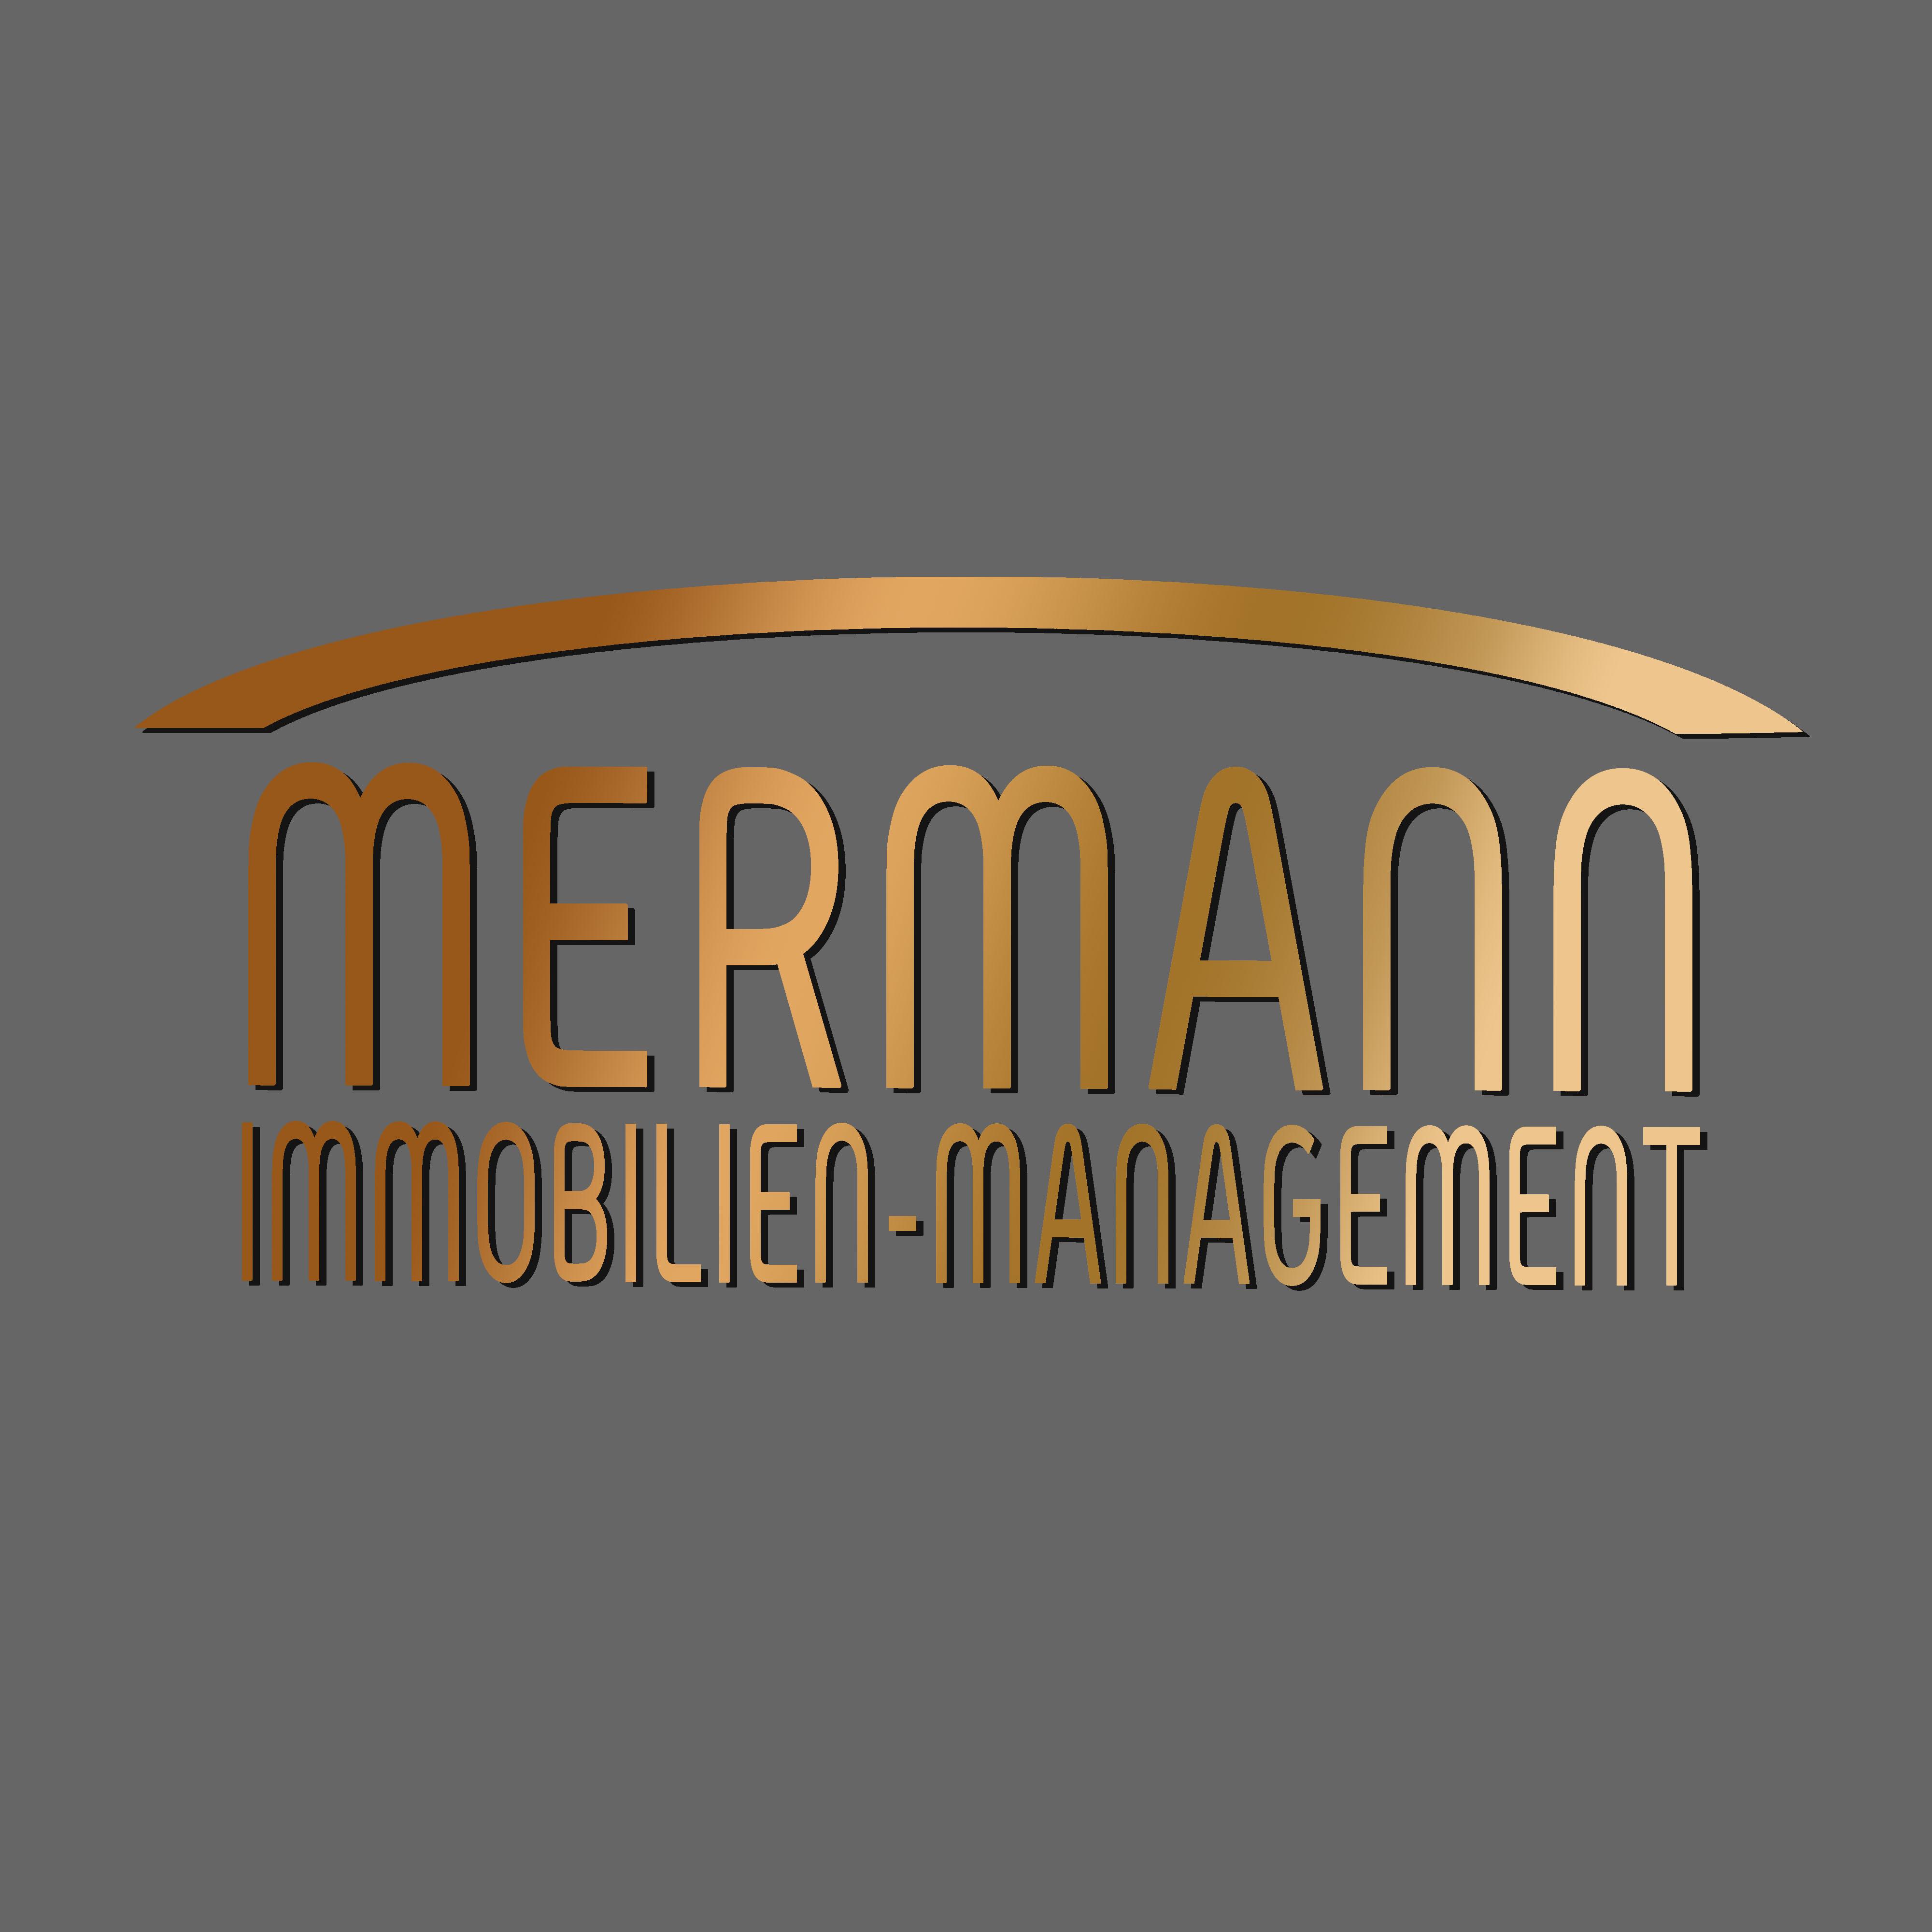 Hier sehen Sie das Logo von Mermann Immobilien Management